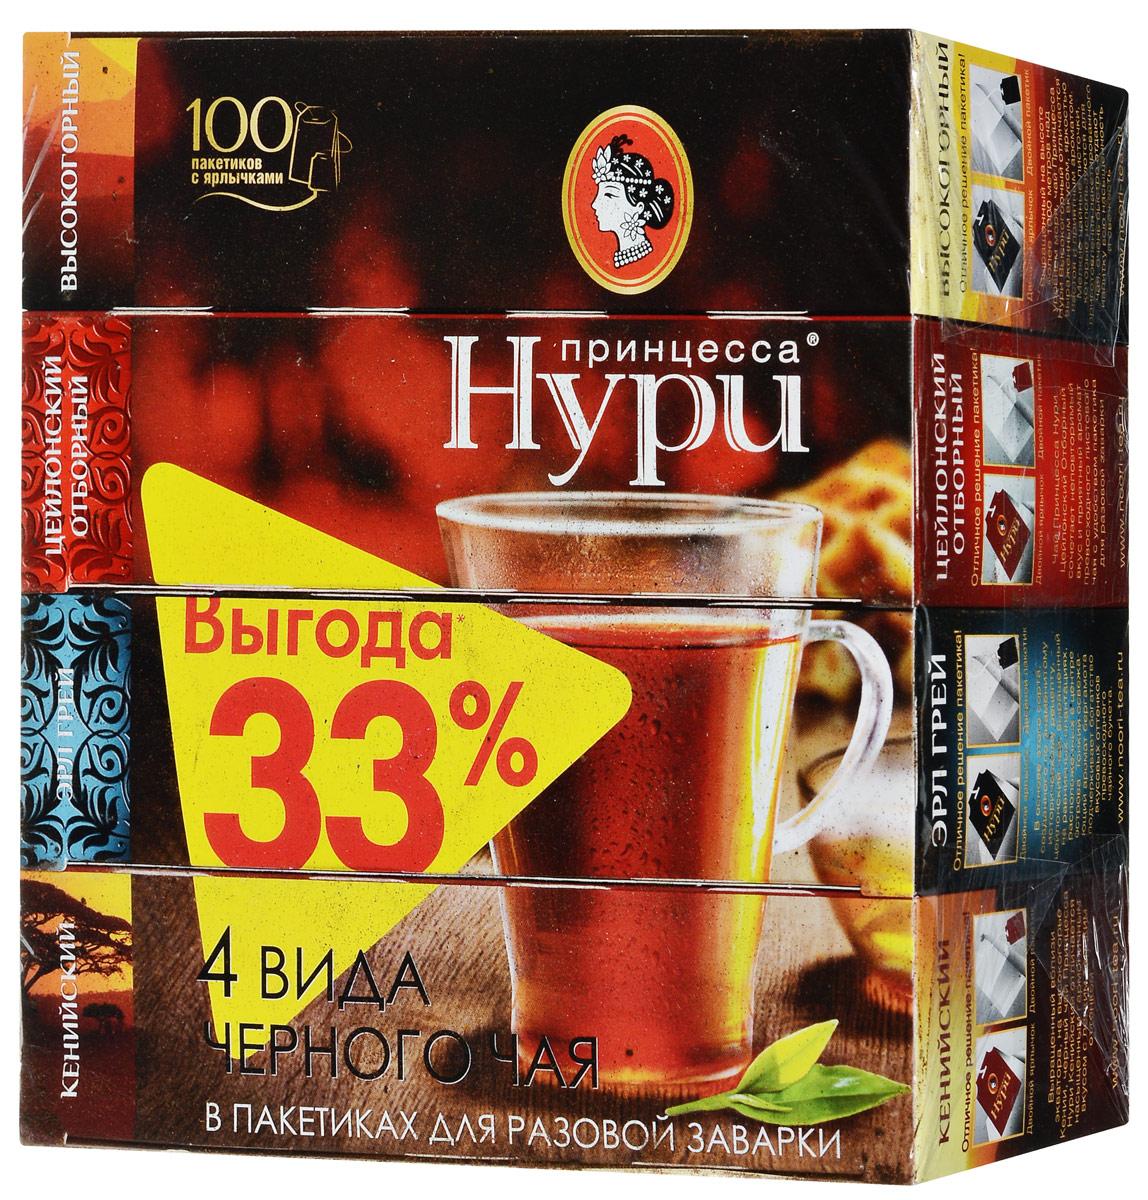 Принцесса Нури черный чай в пакетиках, 100 шт (4 вида чая по 25 шт)1094-18Набор черного чая Принцесса Нури различных сортов. Состав: Принцесса Нури Отборный. Сочетает в себе благородный вкус и нежный аромат превосходного листового цейлонского чая. Принцесса Нури Кенийский. Выращенный вблизи экватора на высокогорье Кении, он отличается сбалансированным гармоничным вкусом с легким терпким оттенком. Принцесса Нури Высокогорный. Чай с особым терпким вкусом, светло- золотистым настоем и неподражаемым ароматом был собран высоко в горах. Чайные плантации расположены на высоте от 1000 до 2500 метров над уровнем моря, где климат идеален для чайных растений. Принцесса Нури Оригинальный. Легкий аромат бергамота деликатно подчеркивает богатство вкусовых оттенков в превосходном букете черного чая. Уважаемые клиенты! Обращаем ваше внимание на то, что упаковка может иметь несколько видов дизайна. Поставка осуществляется в зависимости от наличия на складе.